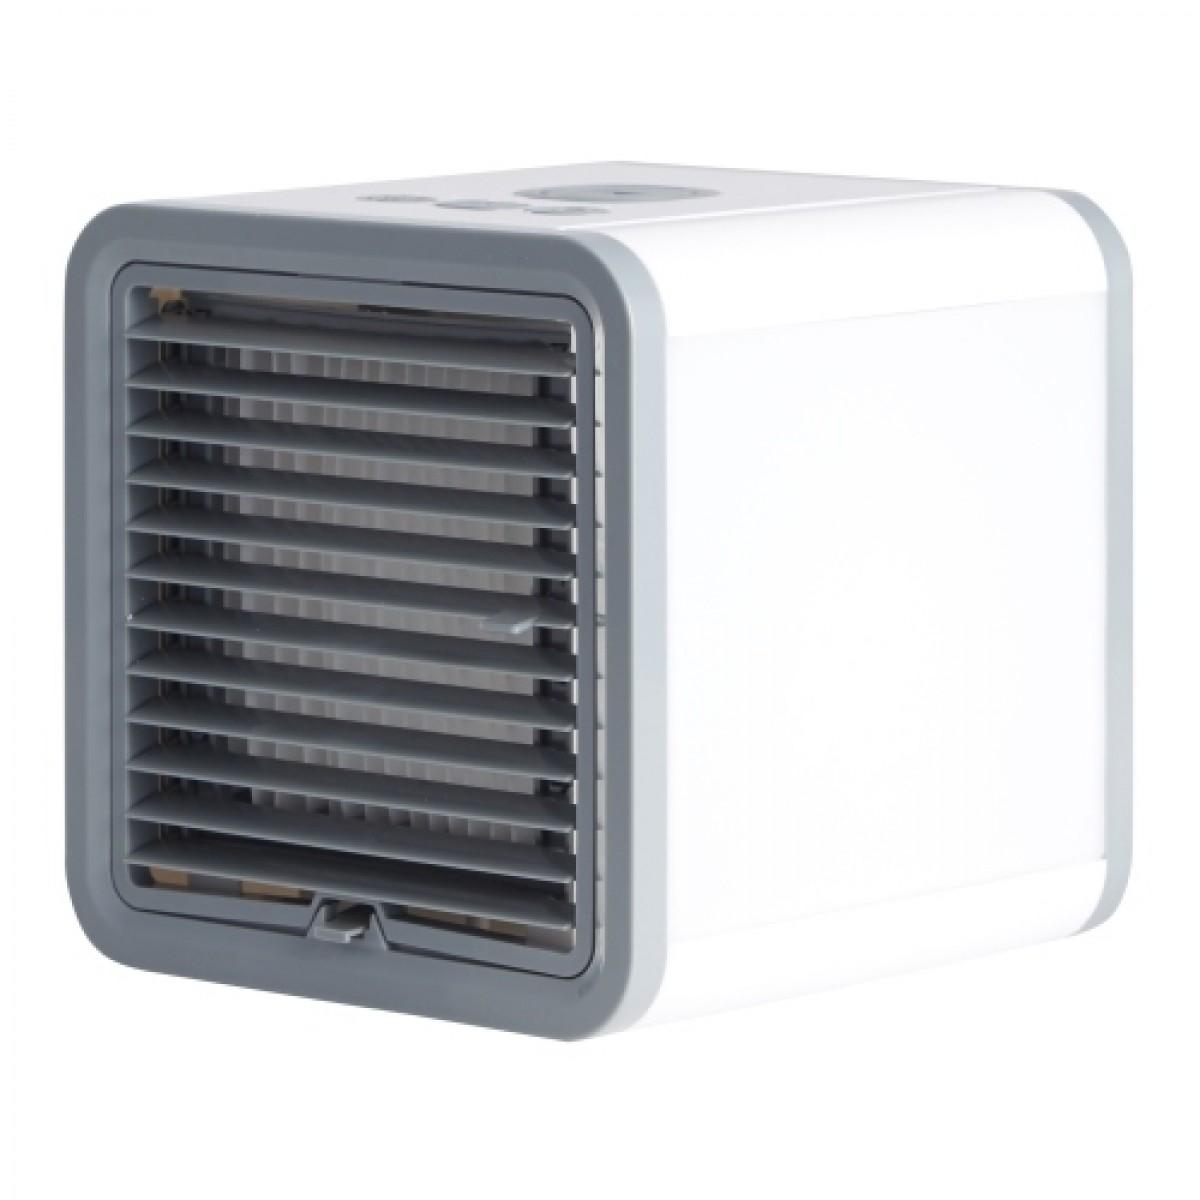 DAY Luftkøler 5 W